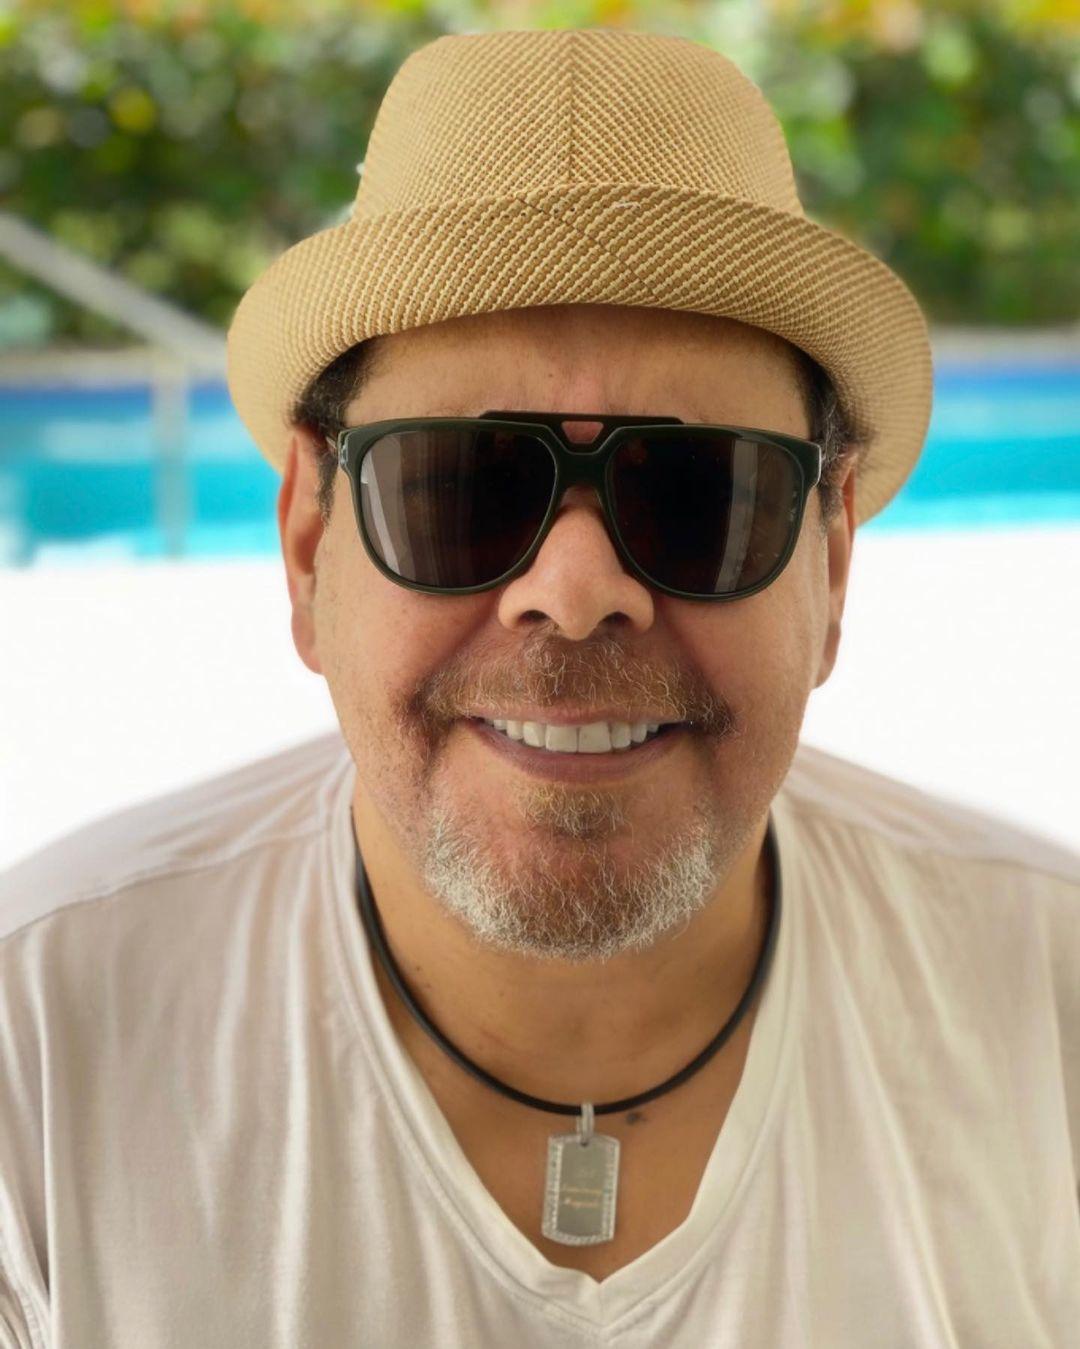 """Fernando Villalona """"Ya estoy en casa, gracias a Dios y a ustedes por sus oraciones"""""""